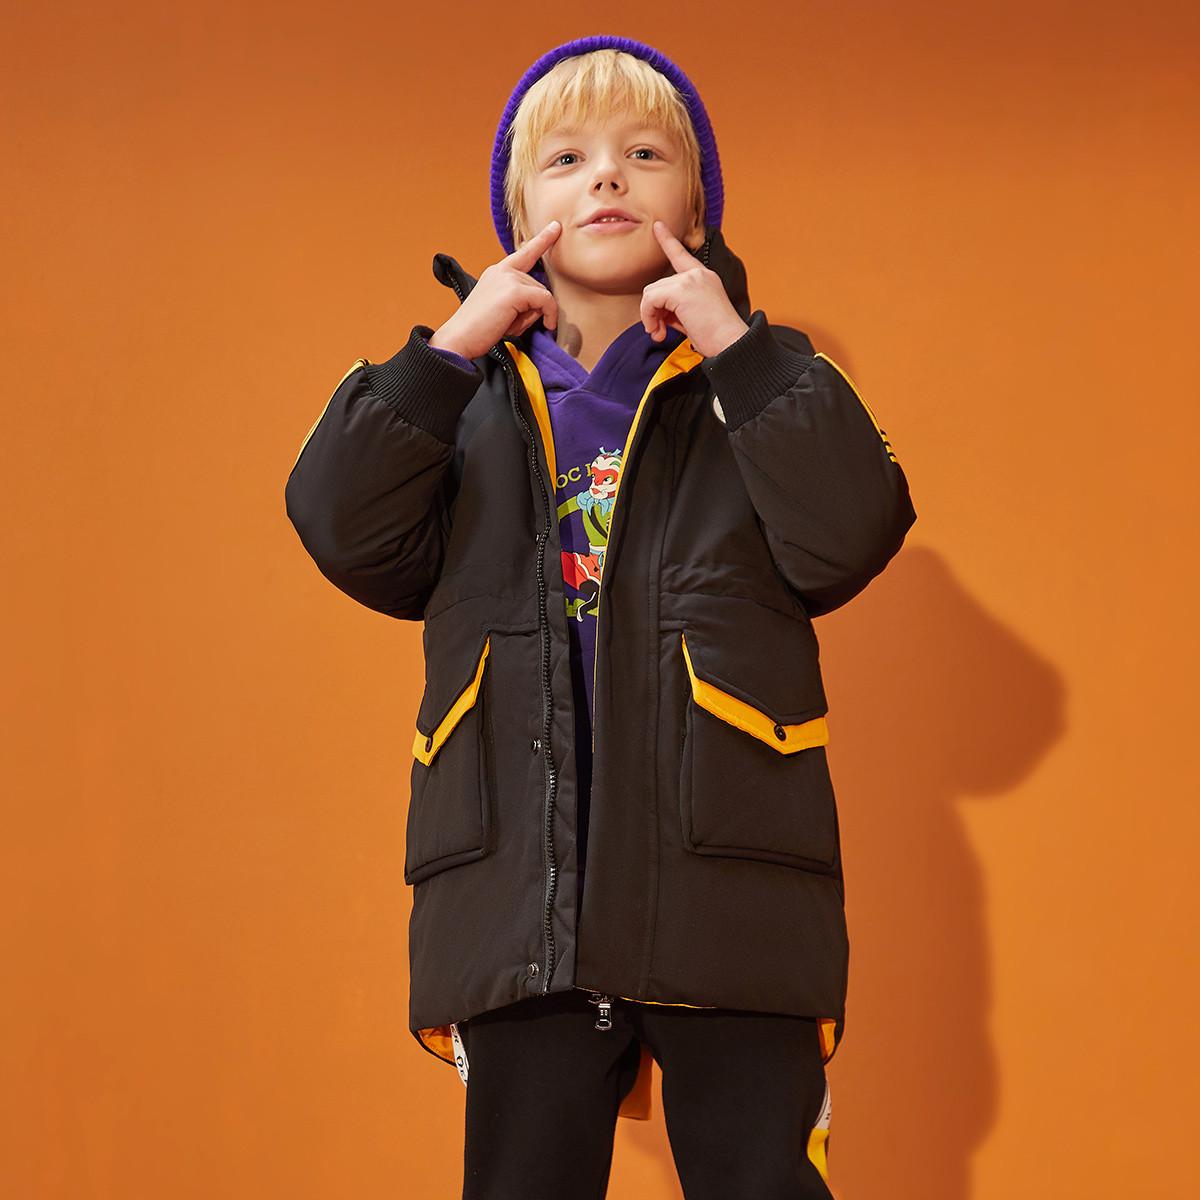 一贝皇城一贝皇城男童中长款羽绒服2019冬装新款中大童加厚儿童保暖外套潮1119410060001